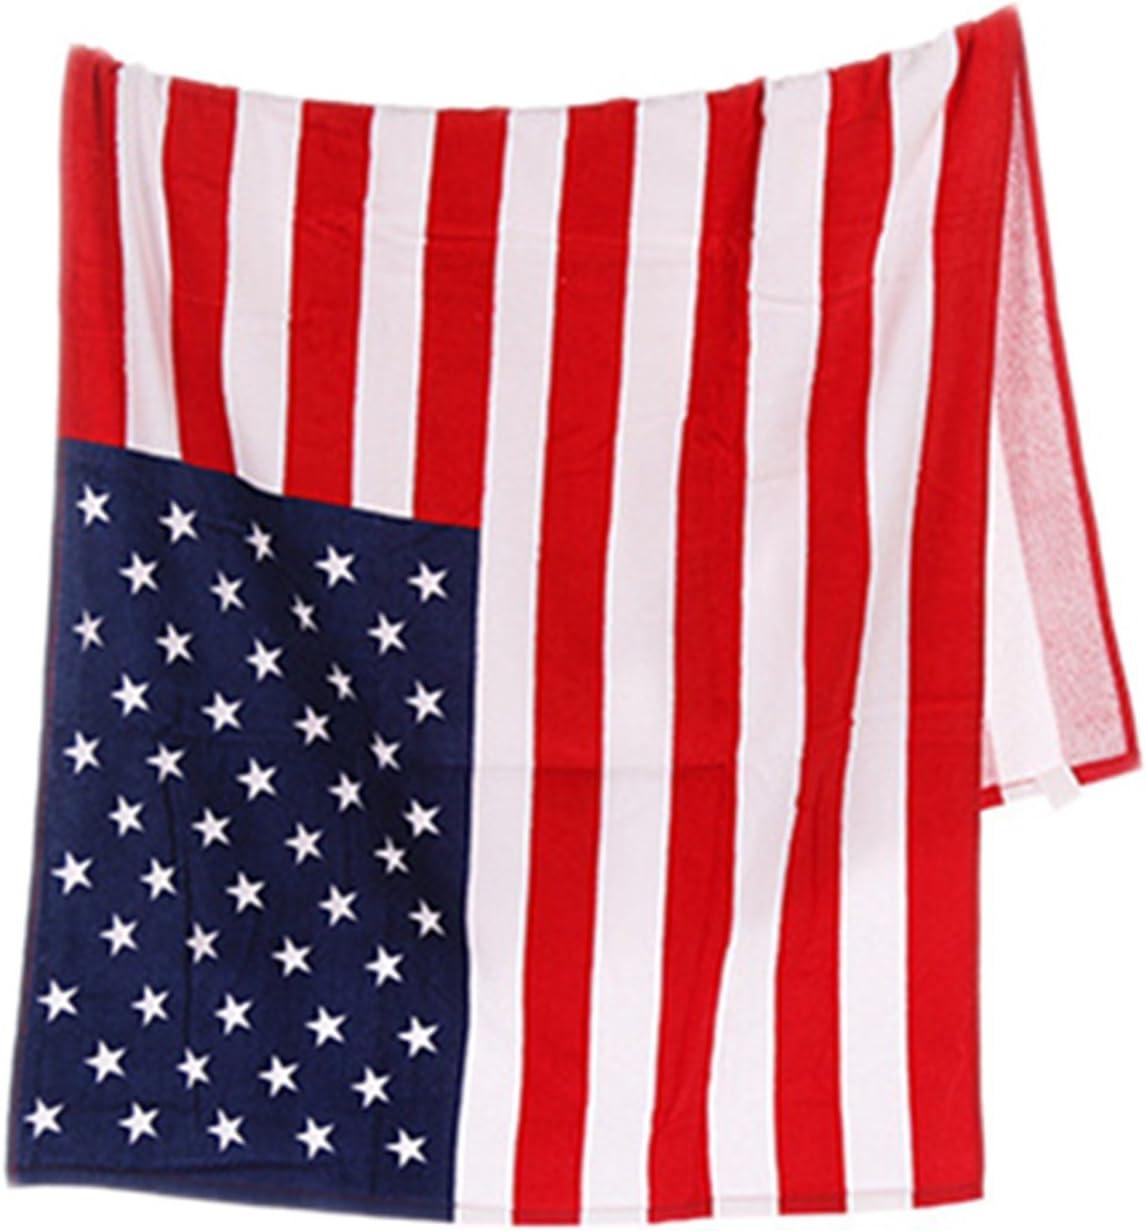 Toalla para playa o baño con diseño de la bandera de Estados Unidos, se puede lavar a máquina, muy absorbente: Amazon.es: Hogar